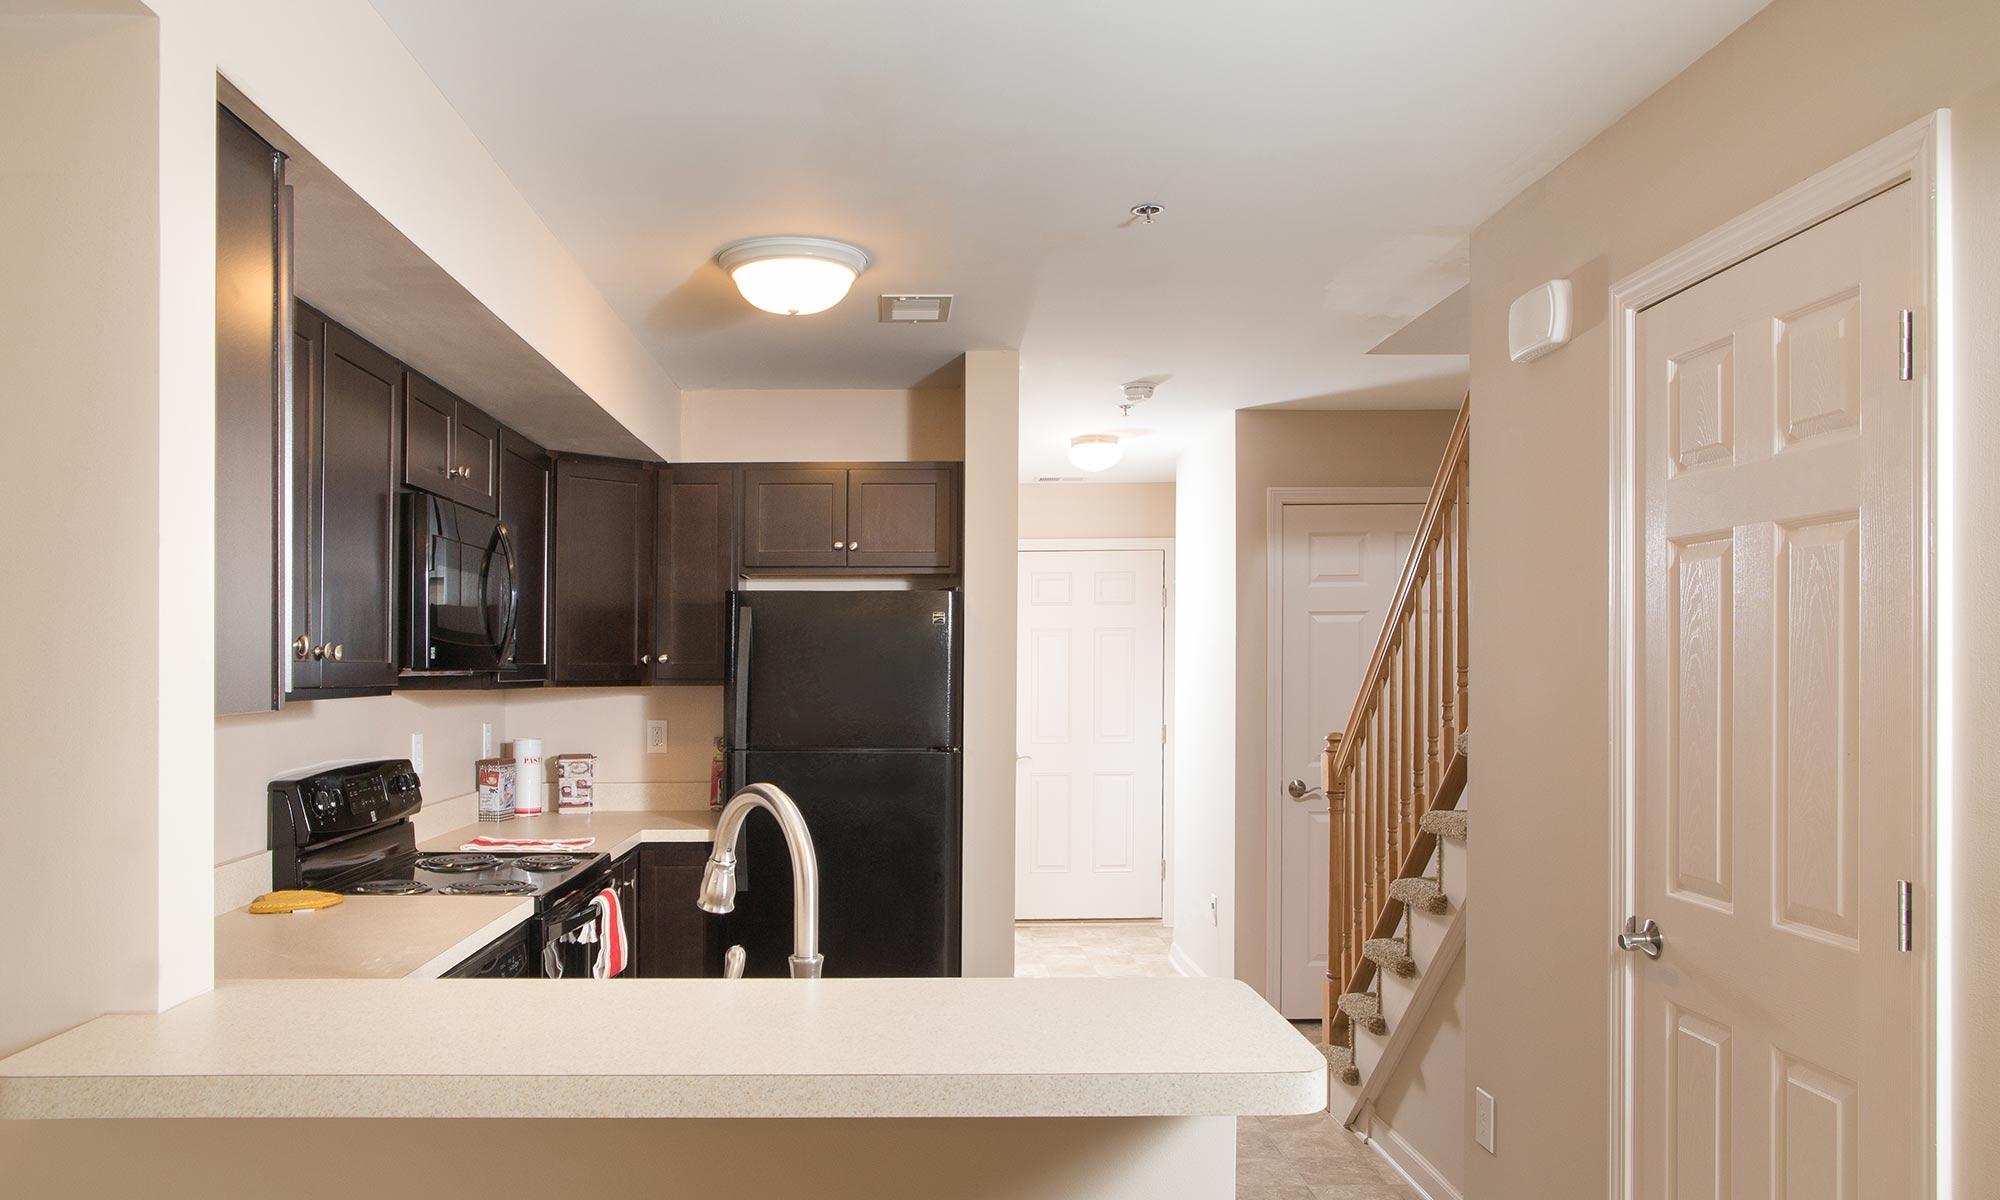 Apartments in Peekskill, NY